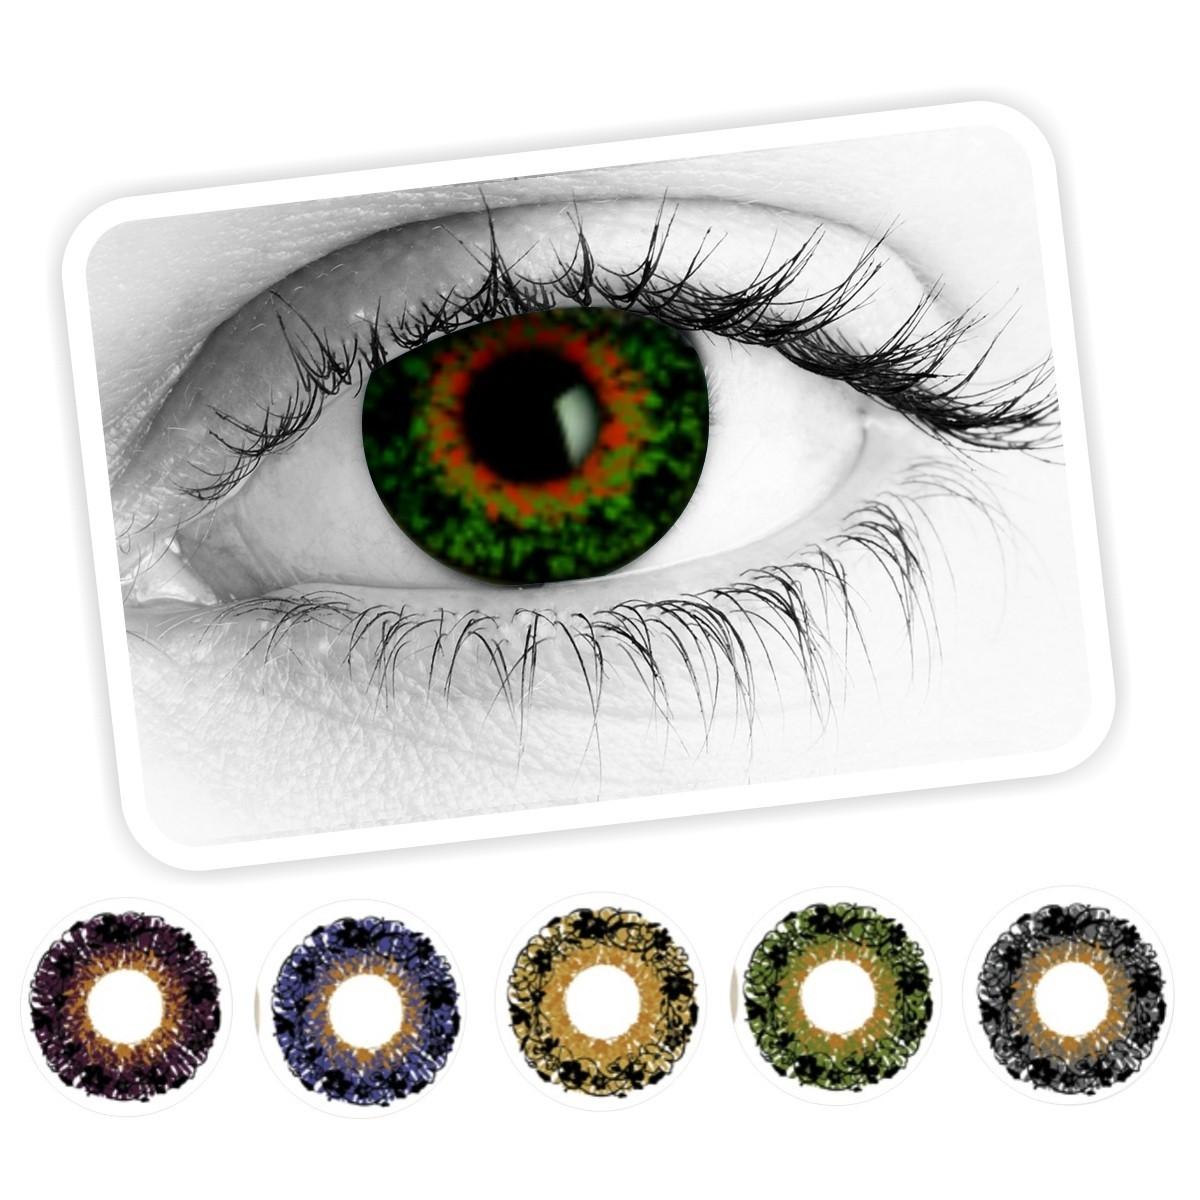 83aa52b950 Lentes de Contacto Azalea para uso cosmético en forma de flor